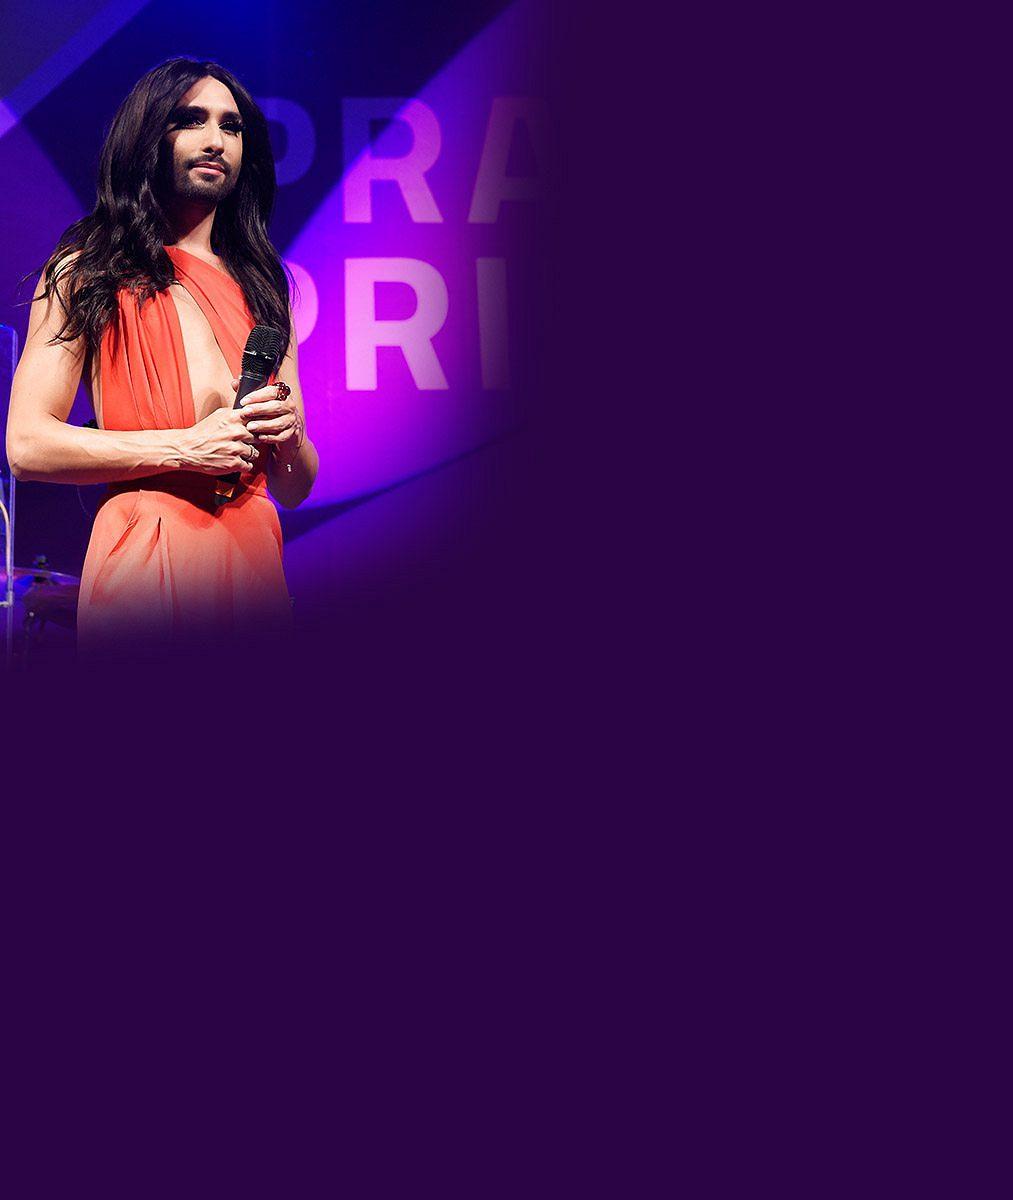 Vousatá vítězka Eurovize opět radikálně změnila image: Shodila háro a ukázala pleš